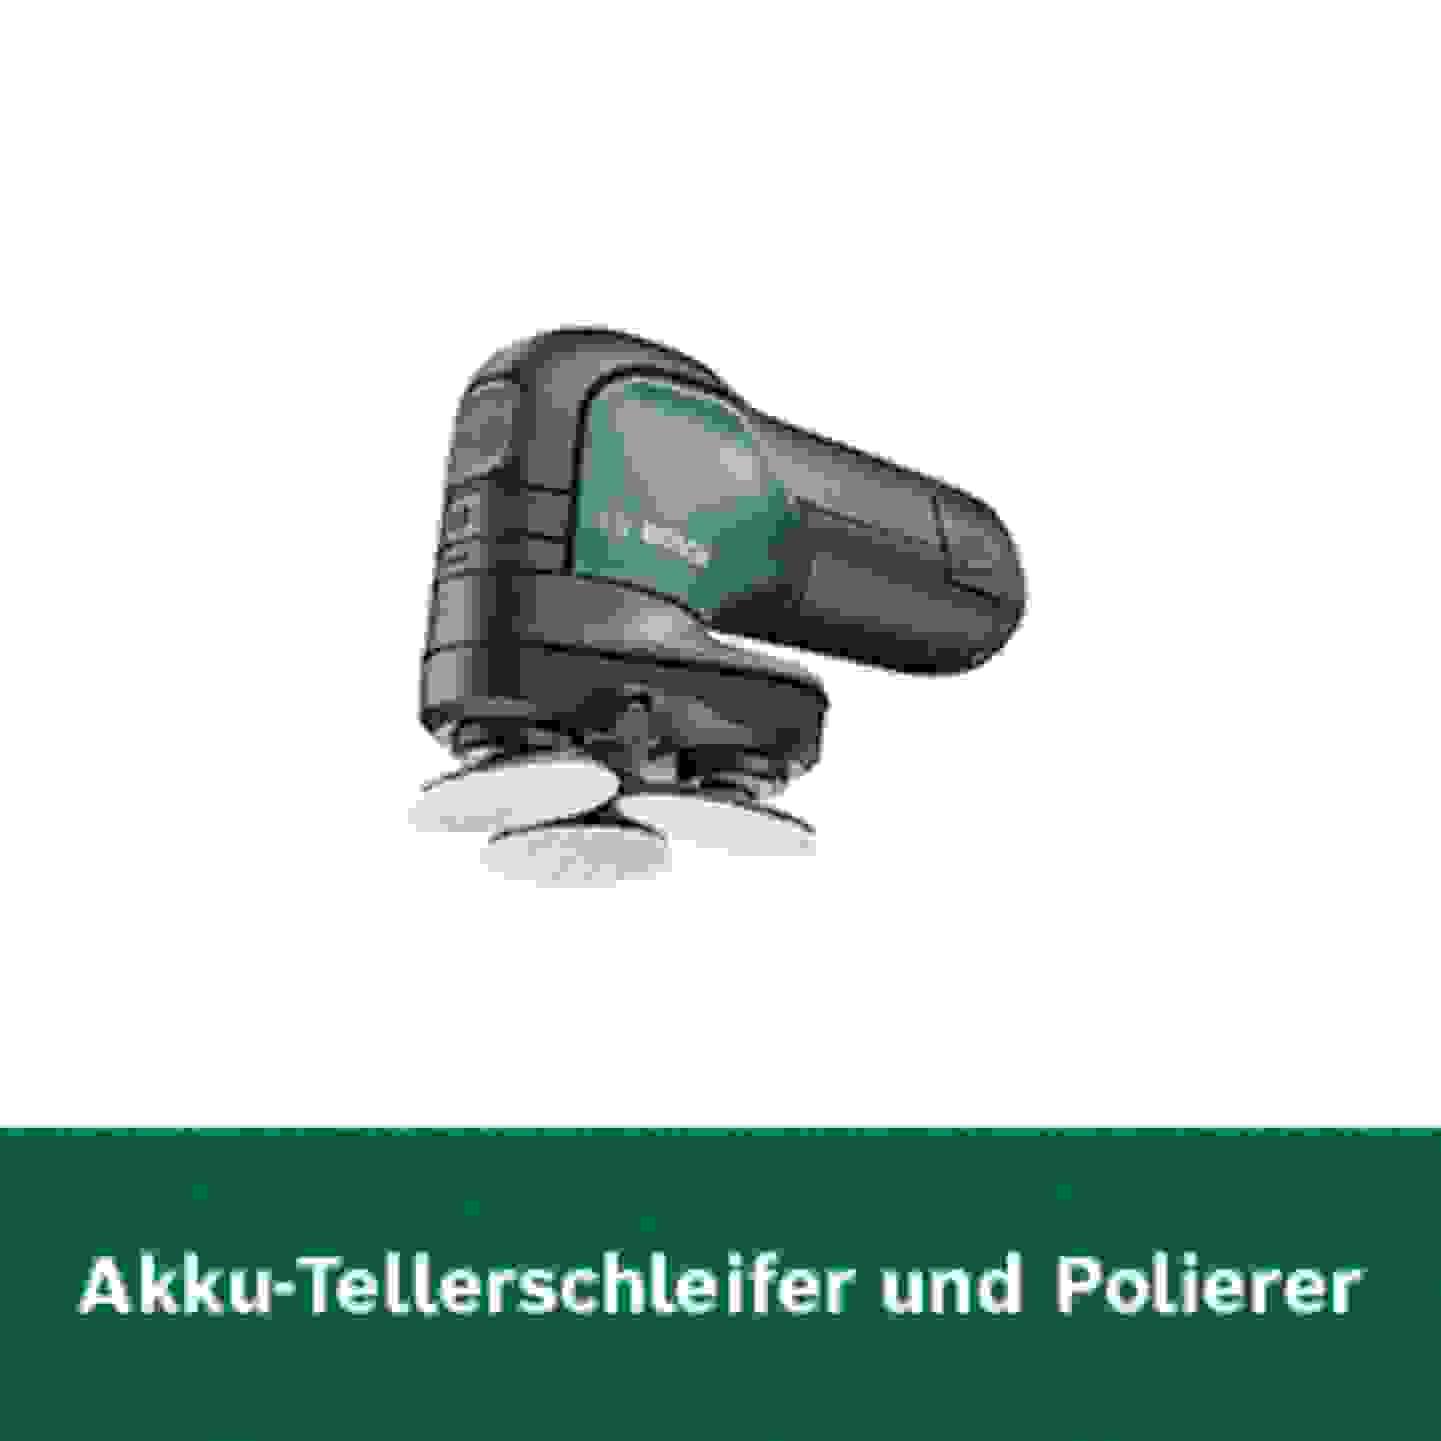 Bosch Akku-Tellerschleifer und Polierer